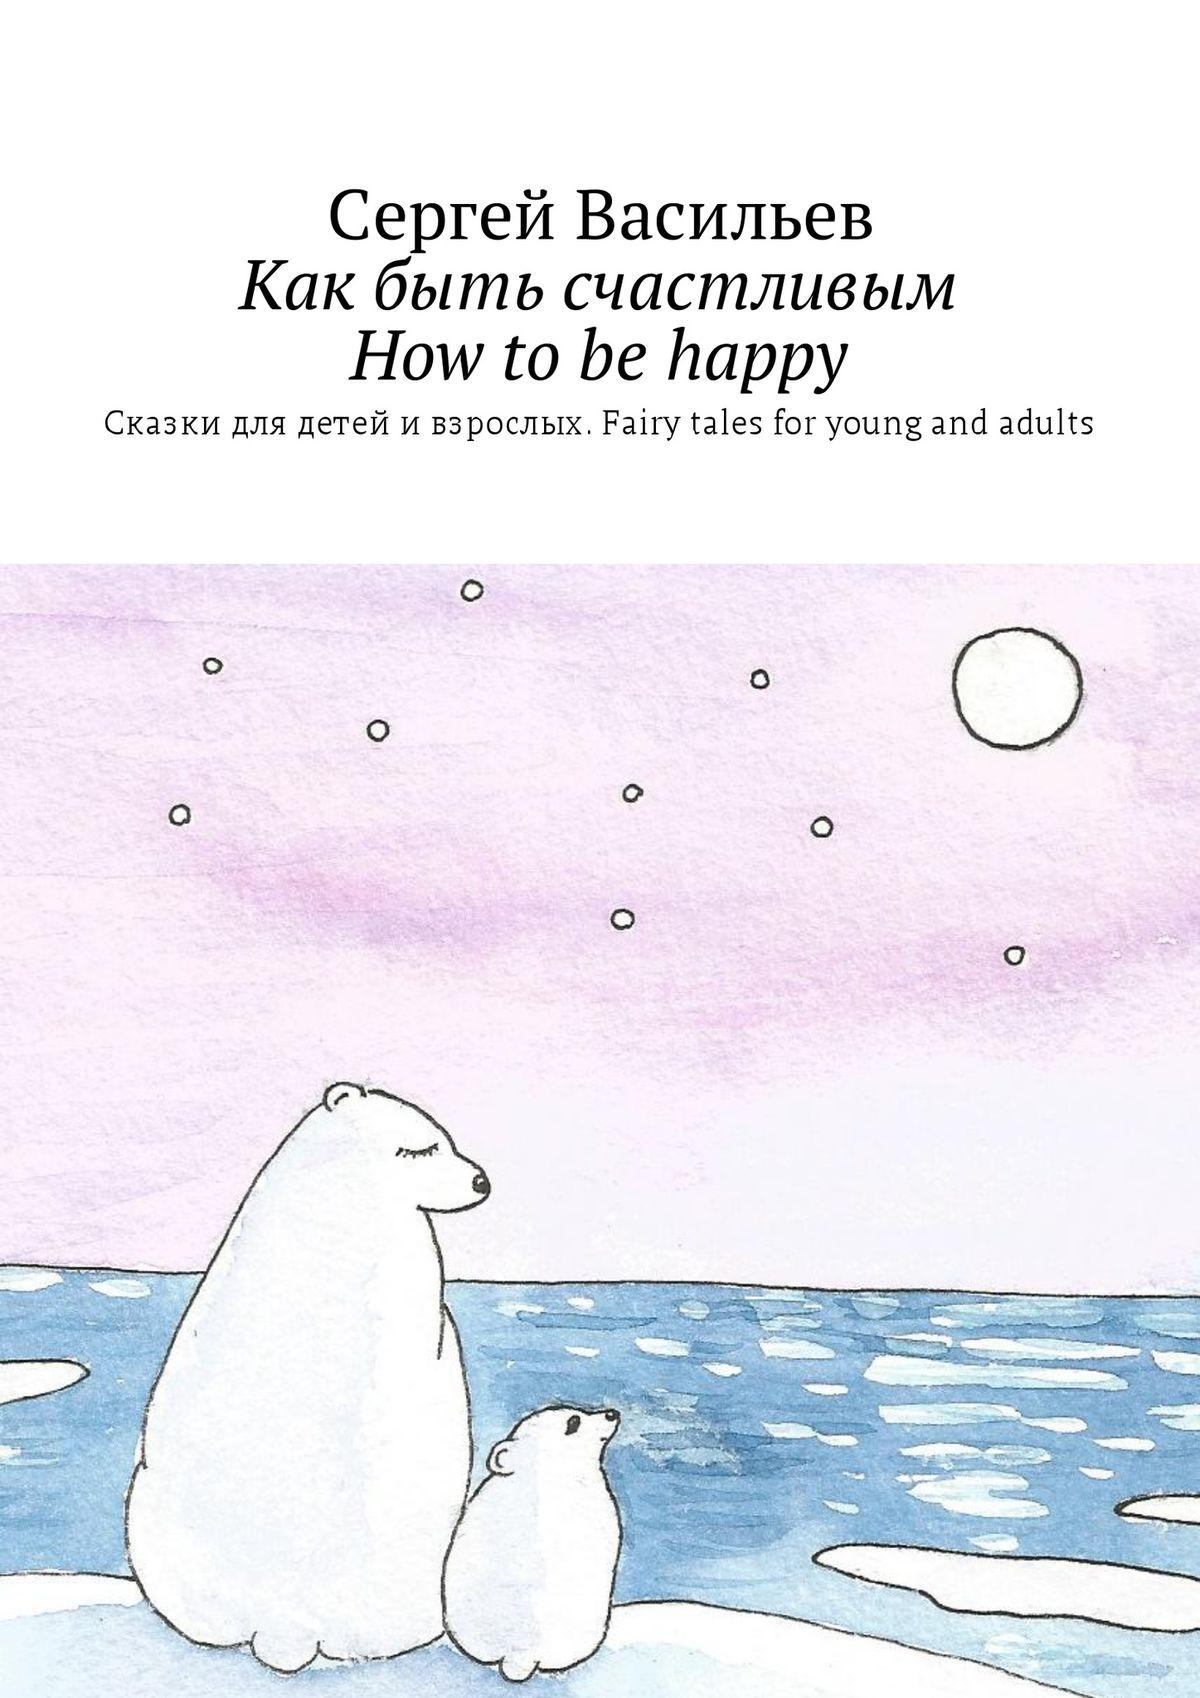 Как быть счастливым. How tobe happy. Сказки для детей ивзрослых. Fairy tales for young and adults